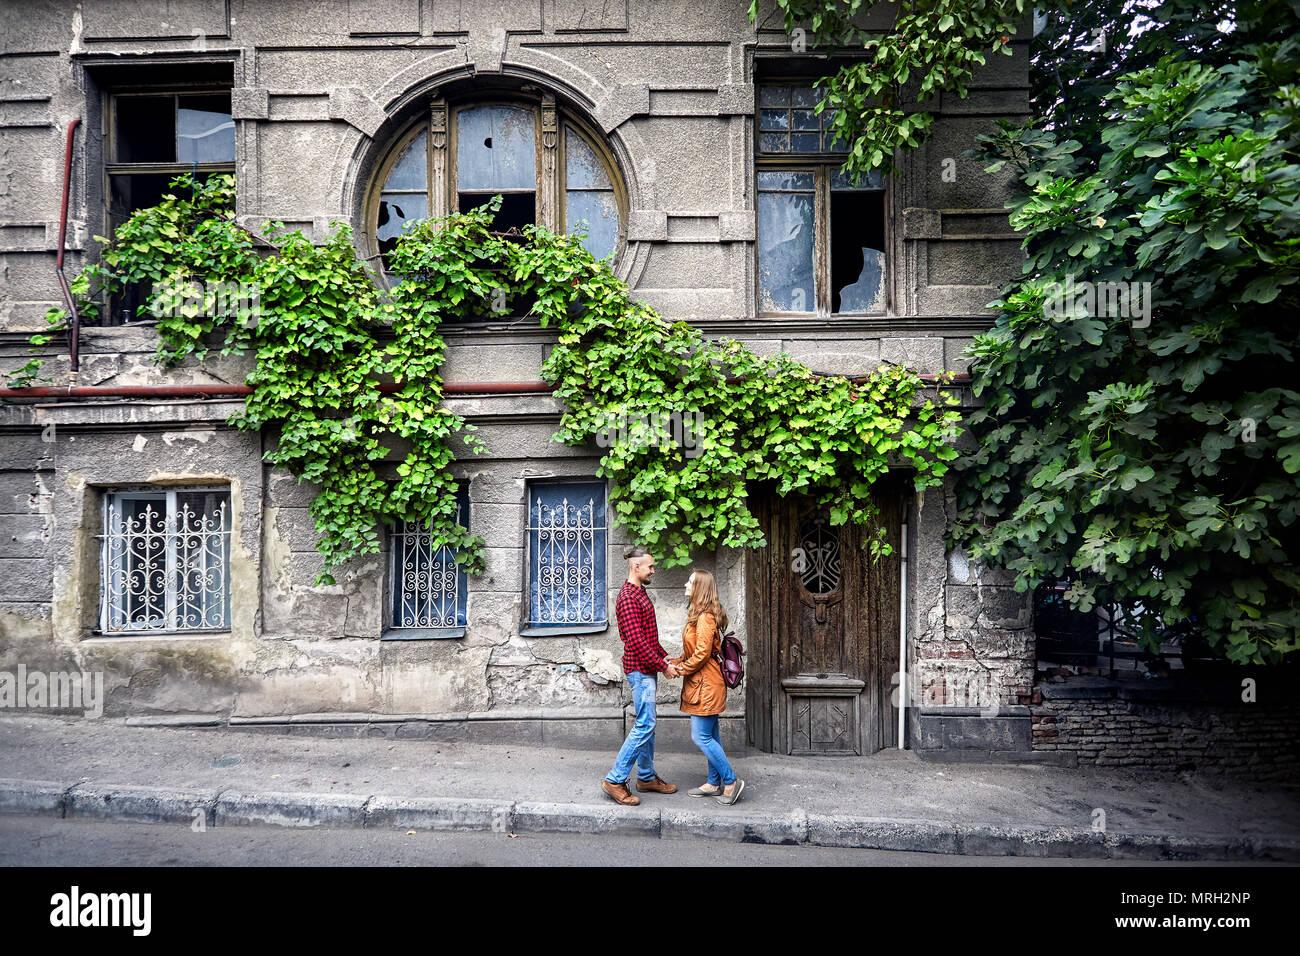 Feliz pareja de turista cerca de vintage casa con ventana redonda en viejas calles del centro de Tbilisi, Georgia Imagen De Stock